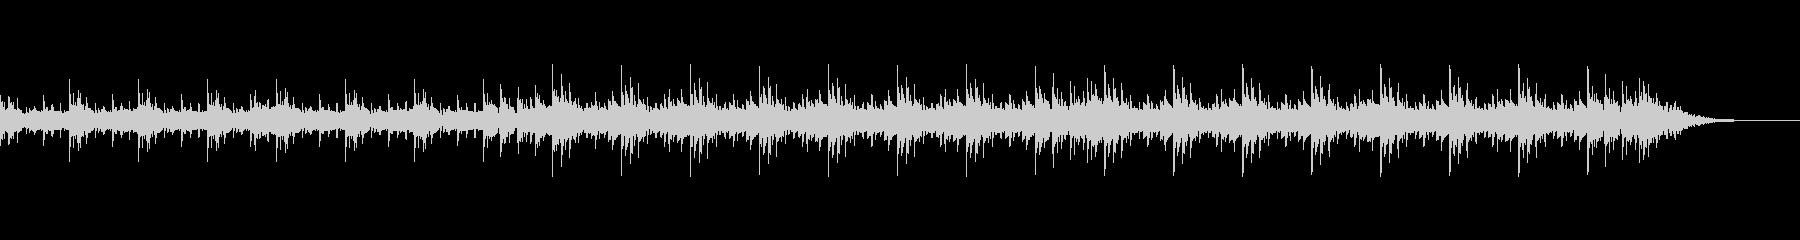 コーポレートテクスチャ―6の未再生の波形